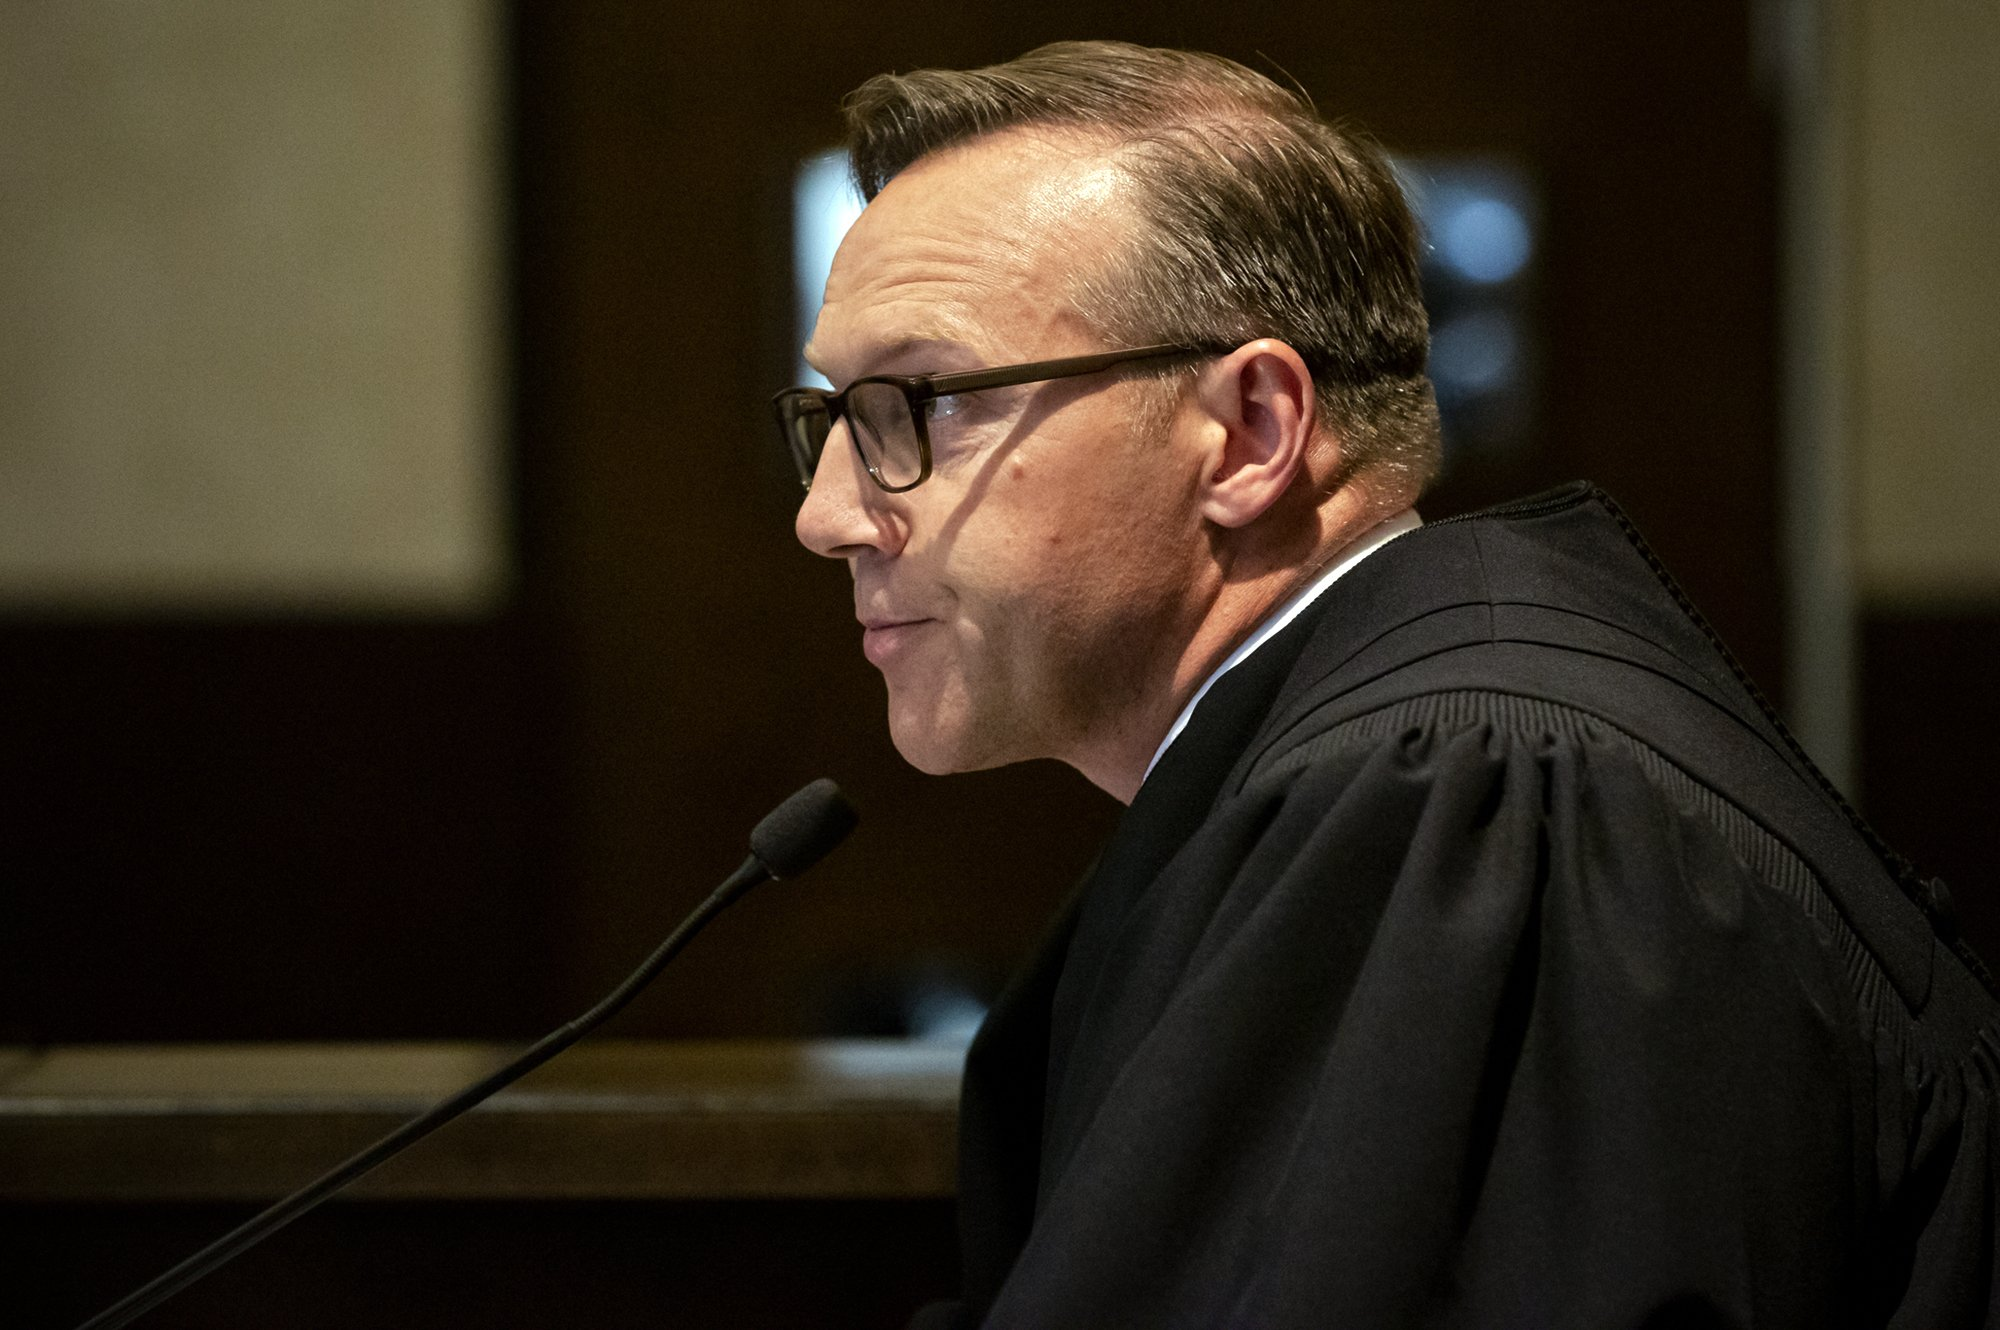 Company claims Oklahoma judge miscalculated opioid award